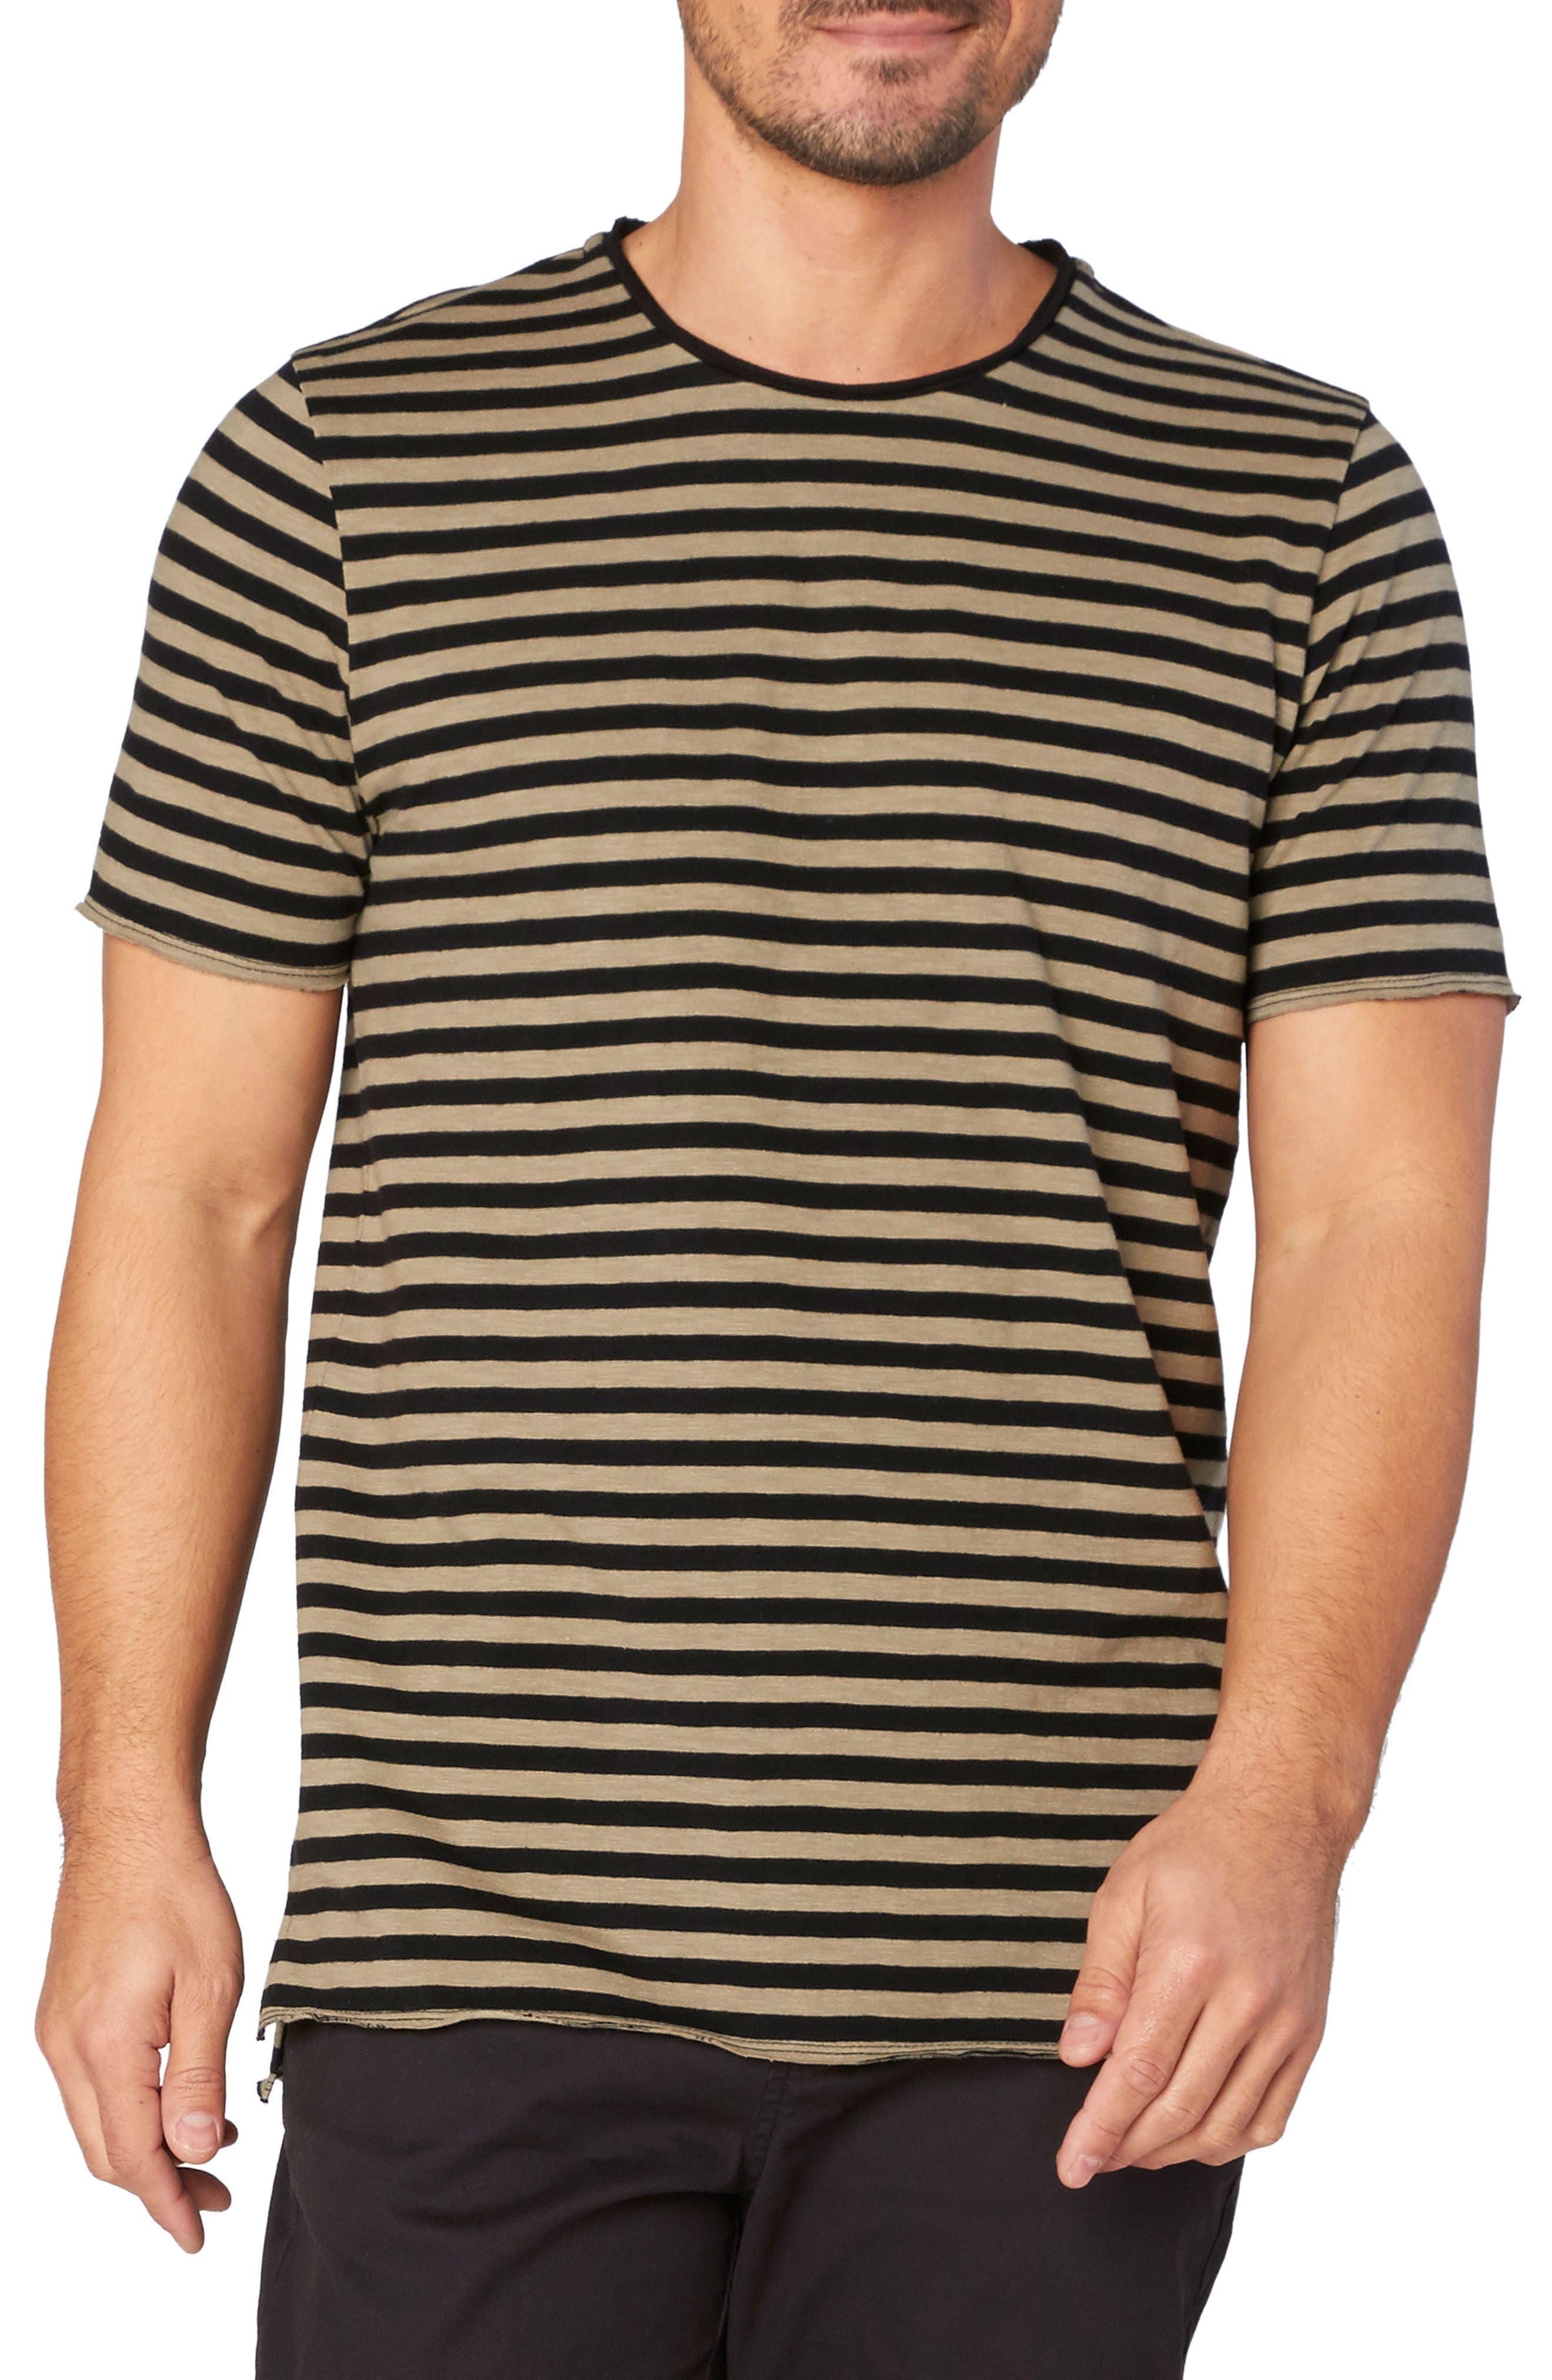 Kane Slub Stripe T-Shirt,                             Main thumbnail 1, color,                             250